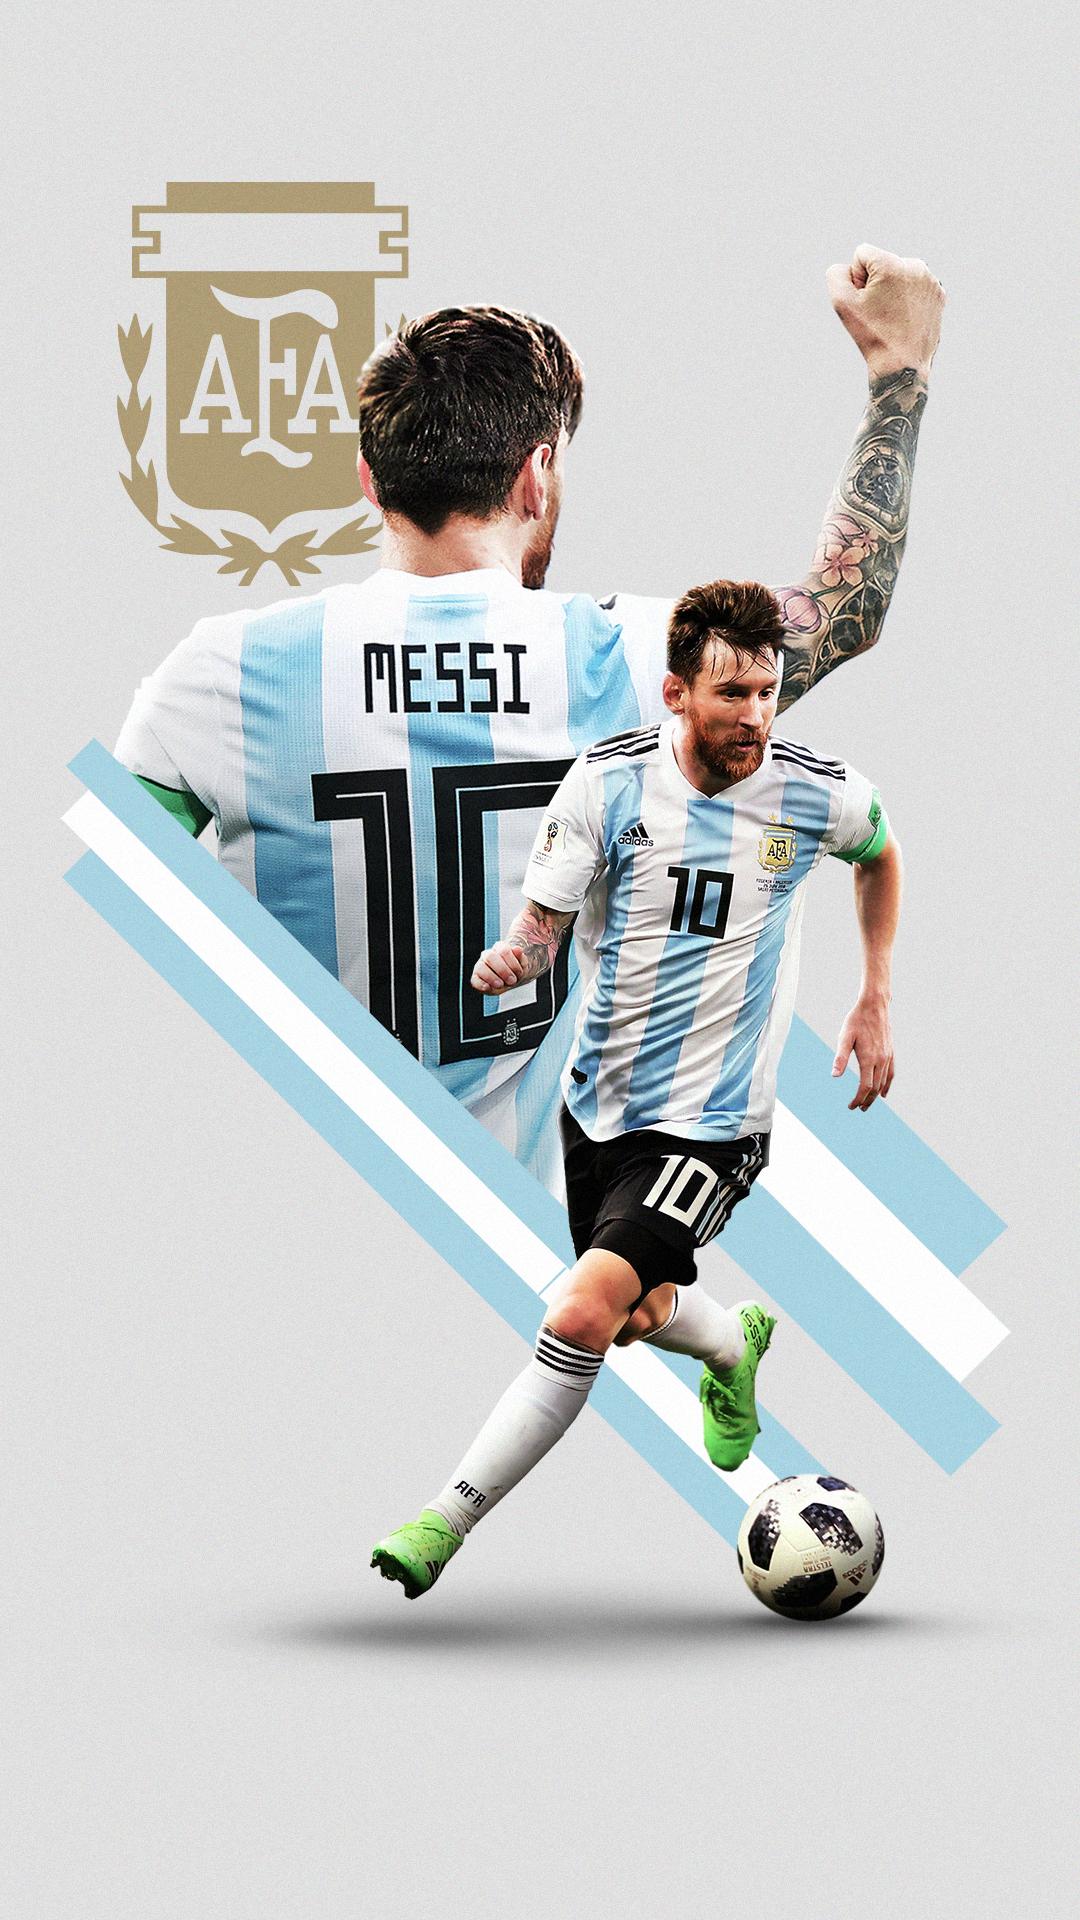 Argentina Messi Image In 2020 Lionel Messi Wallpapers Messi Argentina Lionel Messi Barcelona